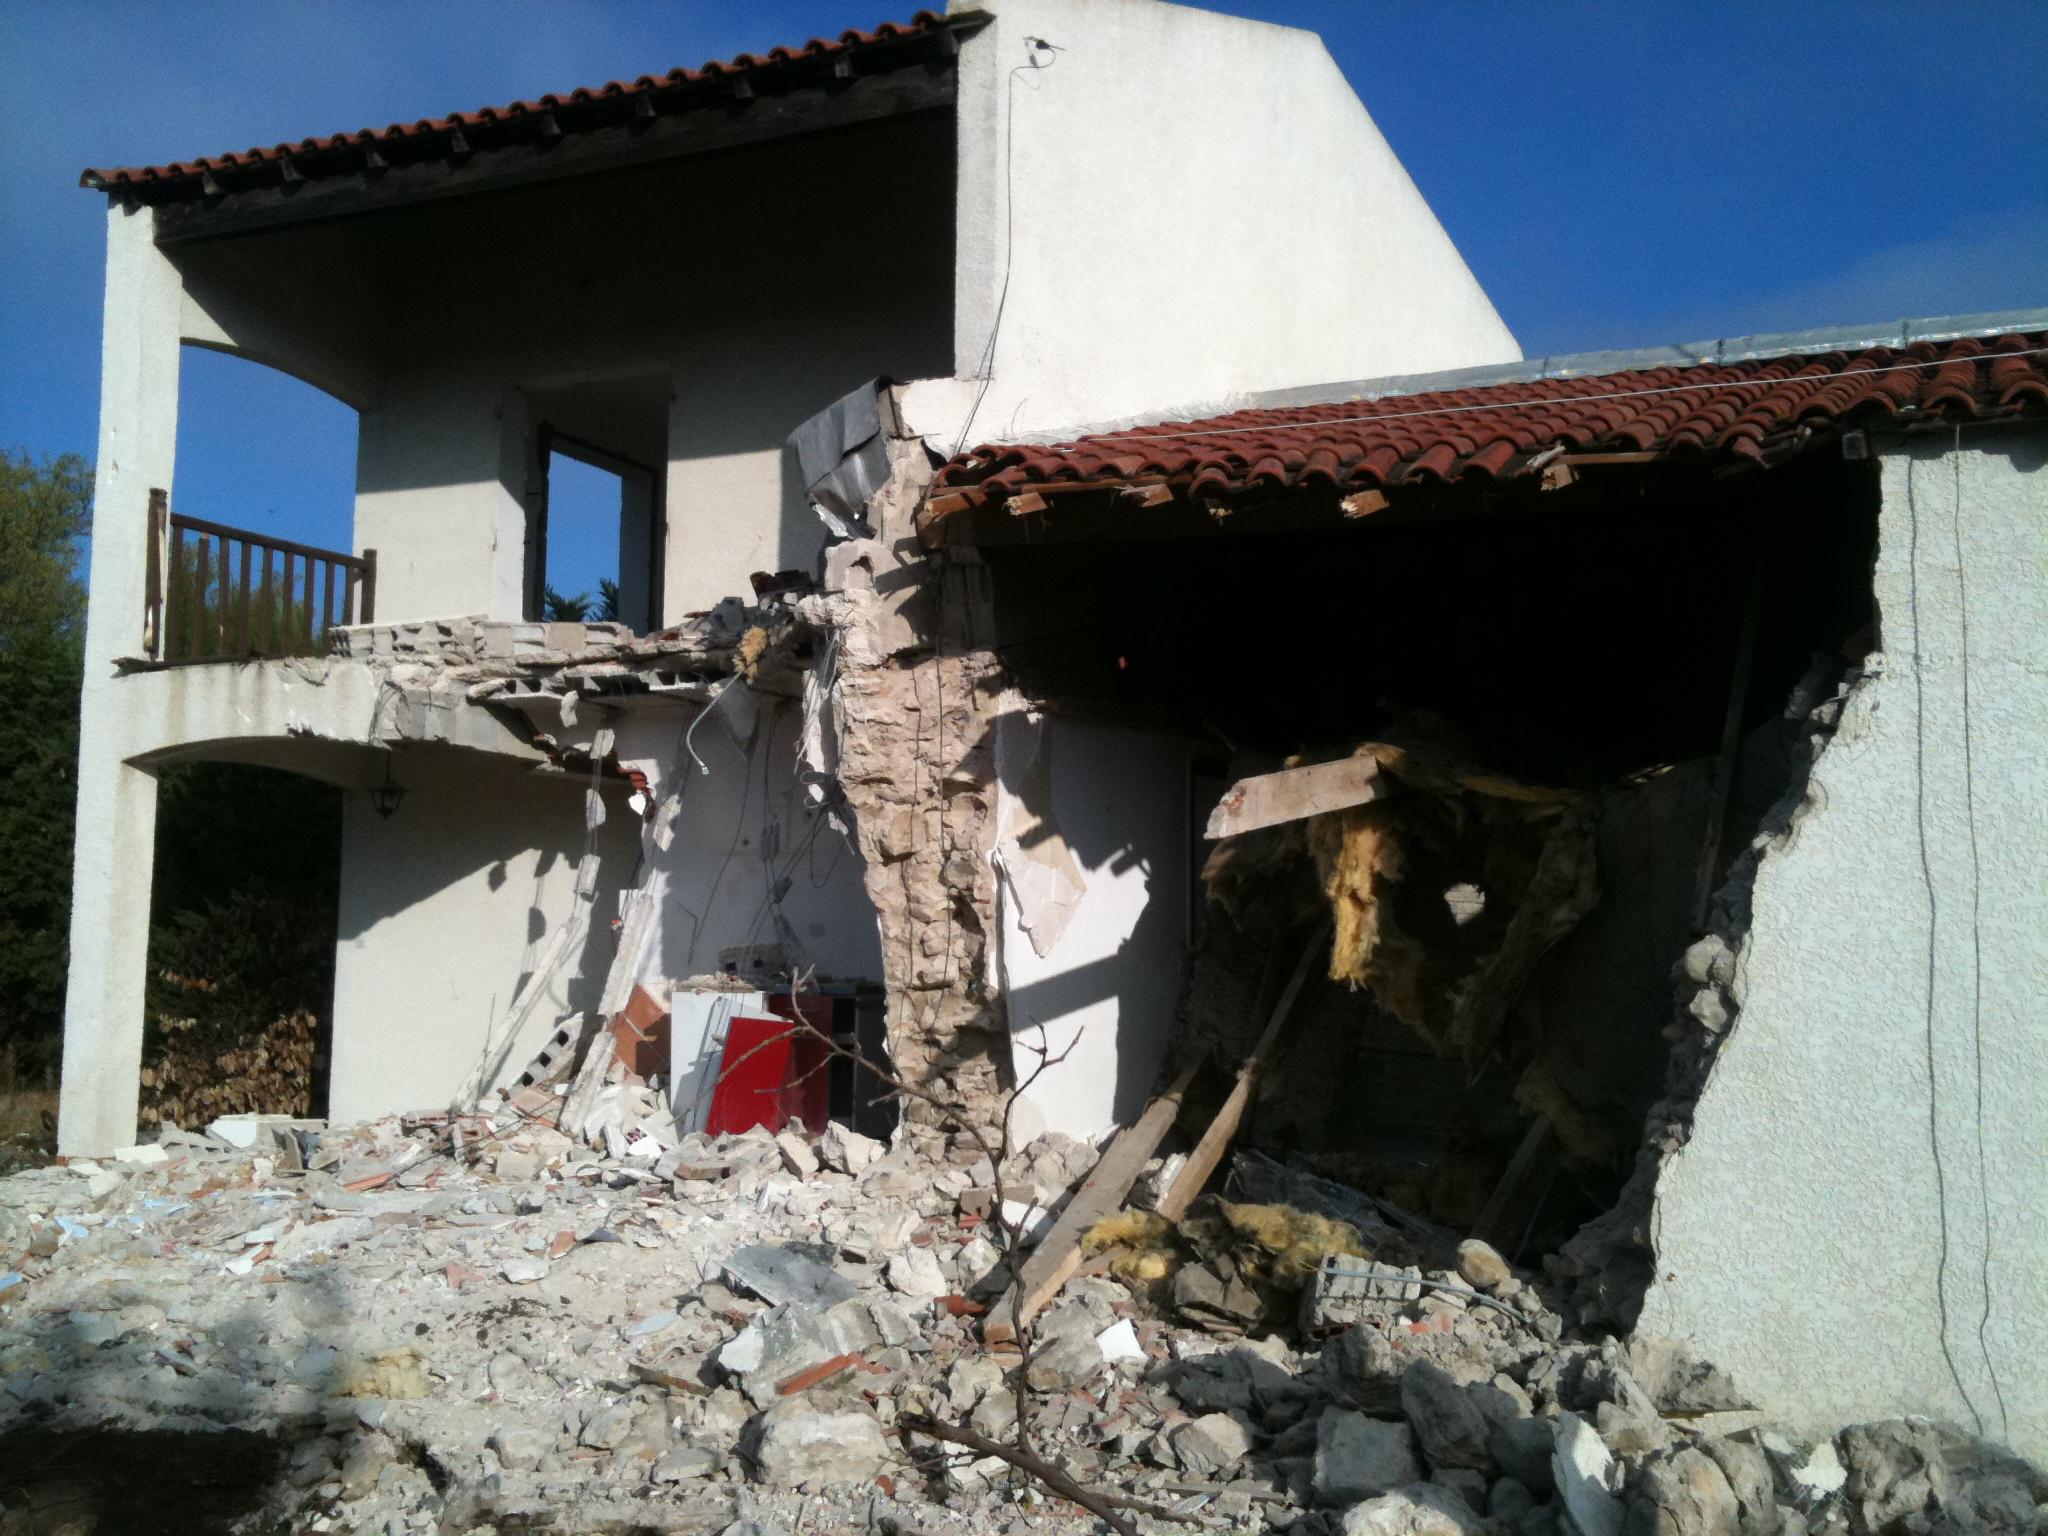 D molition maison bois c t sud - Cout demolition maison ...